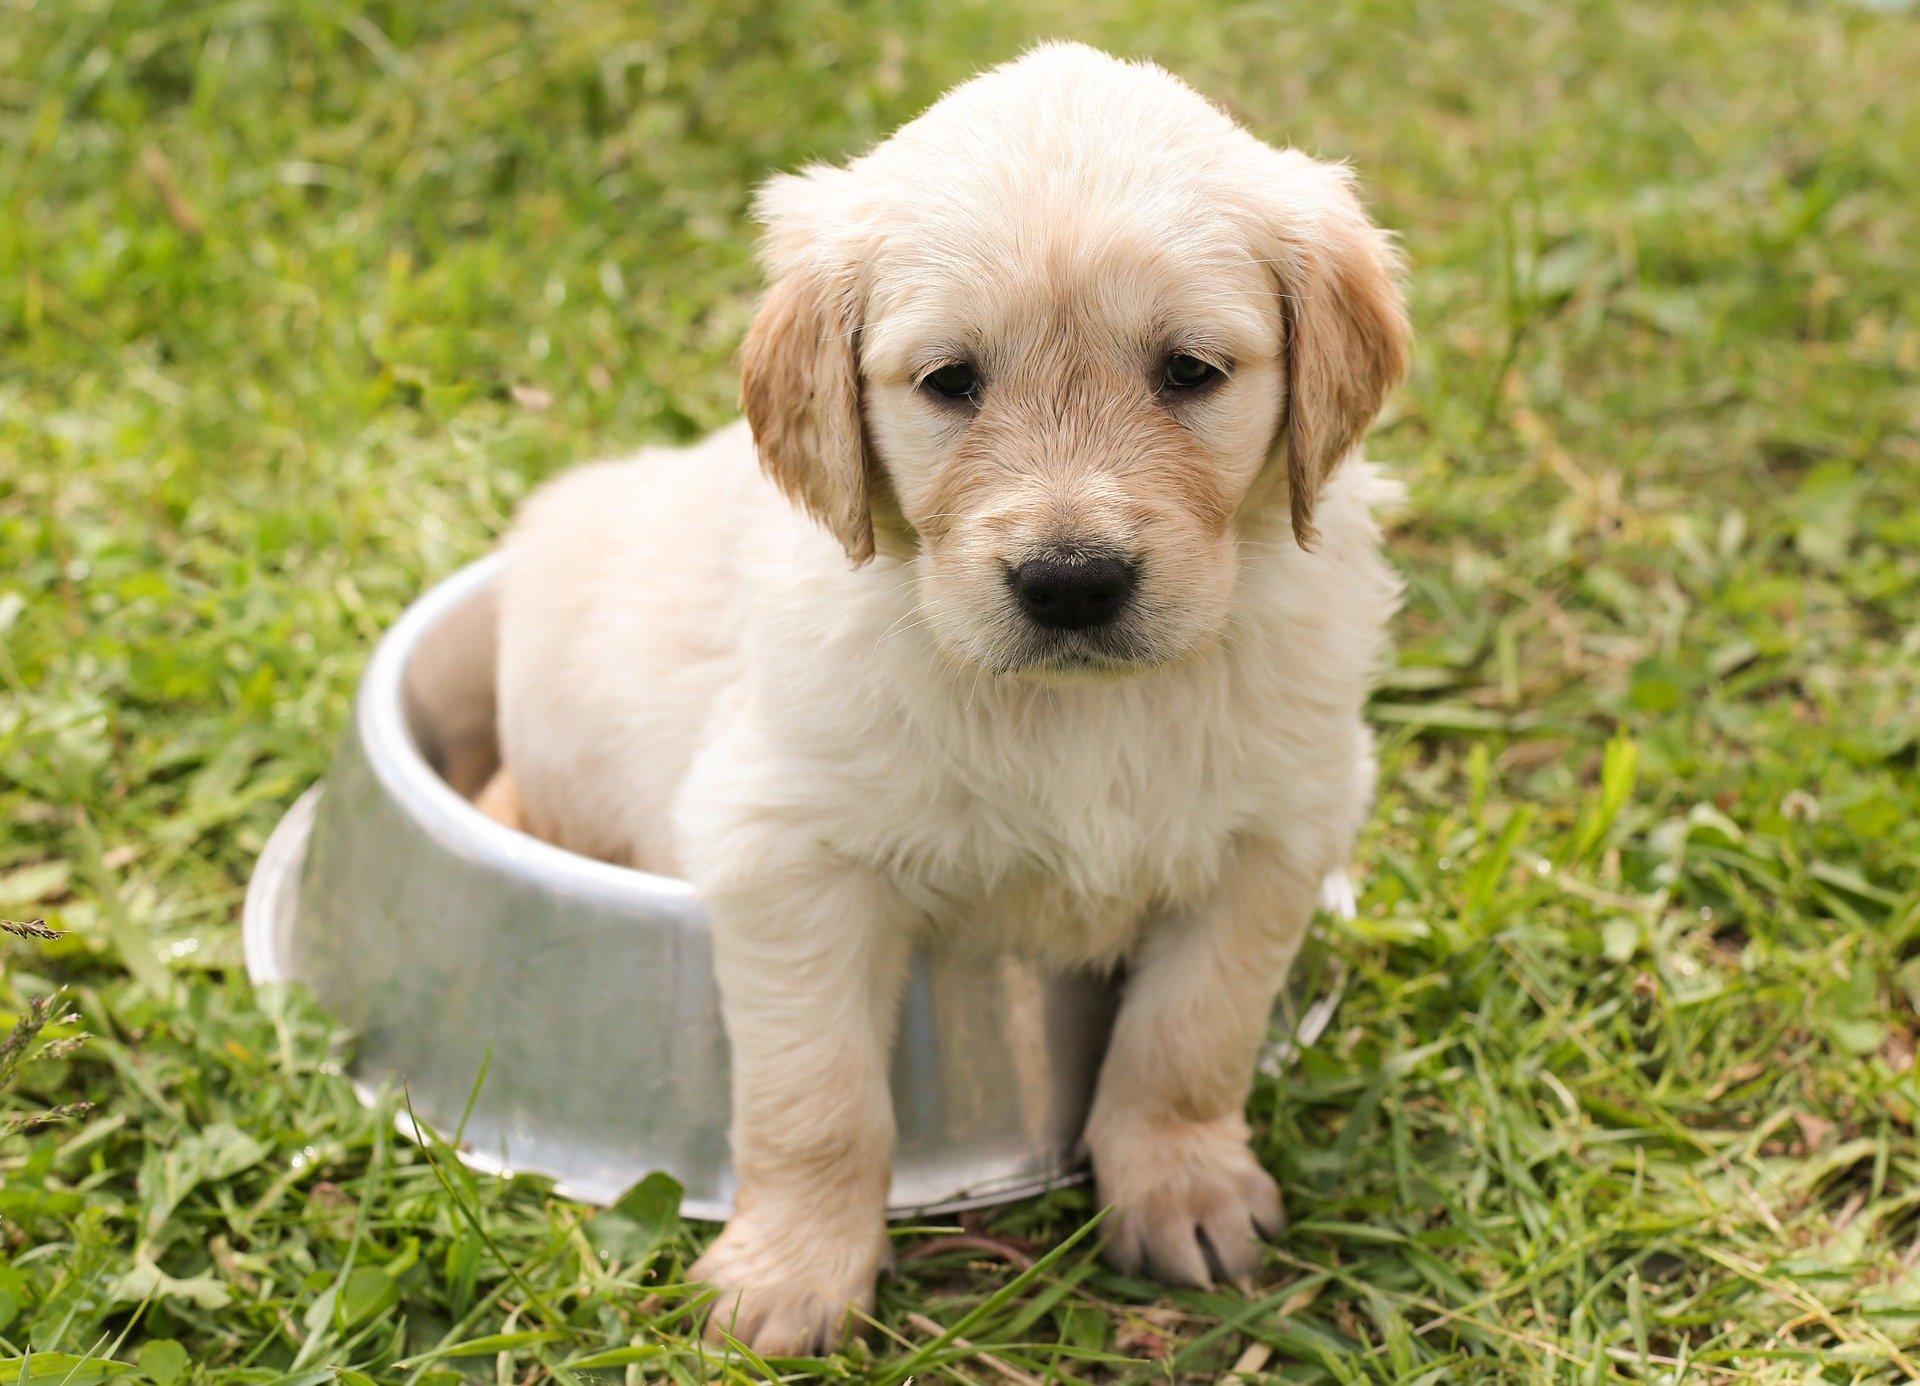 Wyprawka szczeniaka powinna zawierać przede wszystkim pełnowartościową karmę, miski, legowisko, zabawki, smycz lub szelki. Przydatnym będzie również kocyk i maty do nauki czystości.